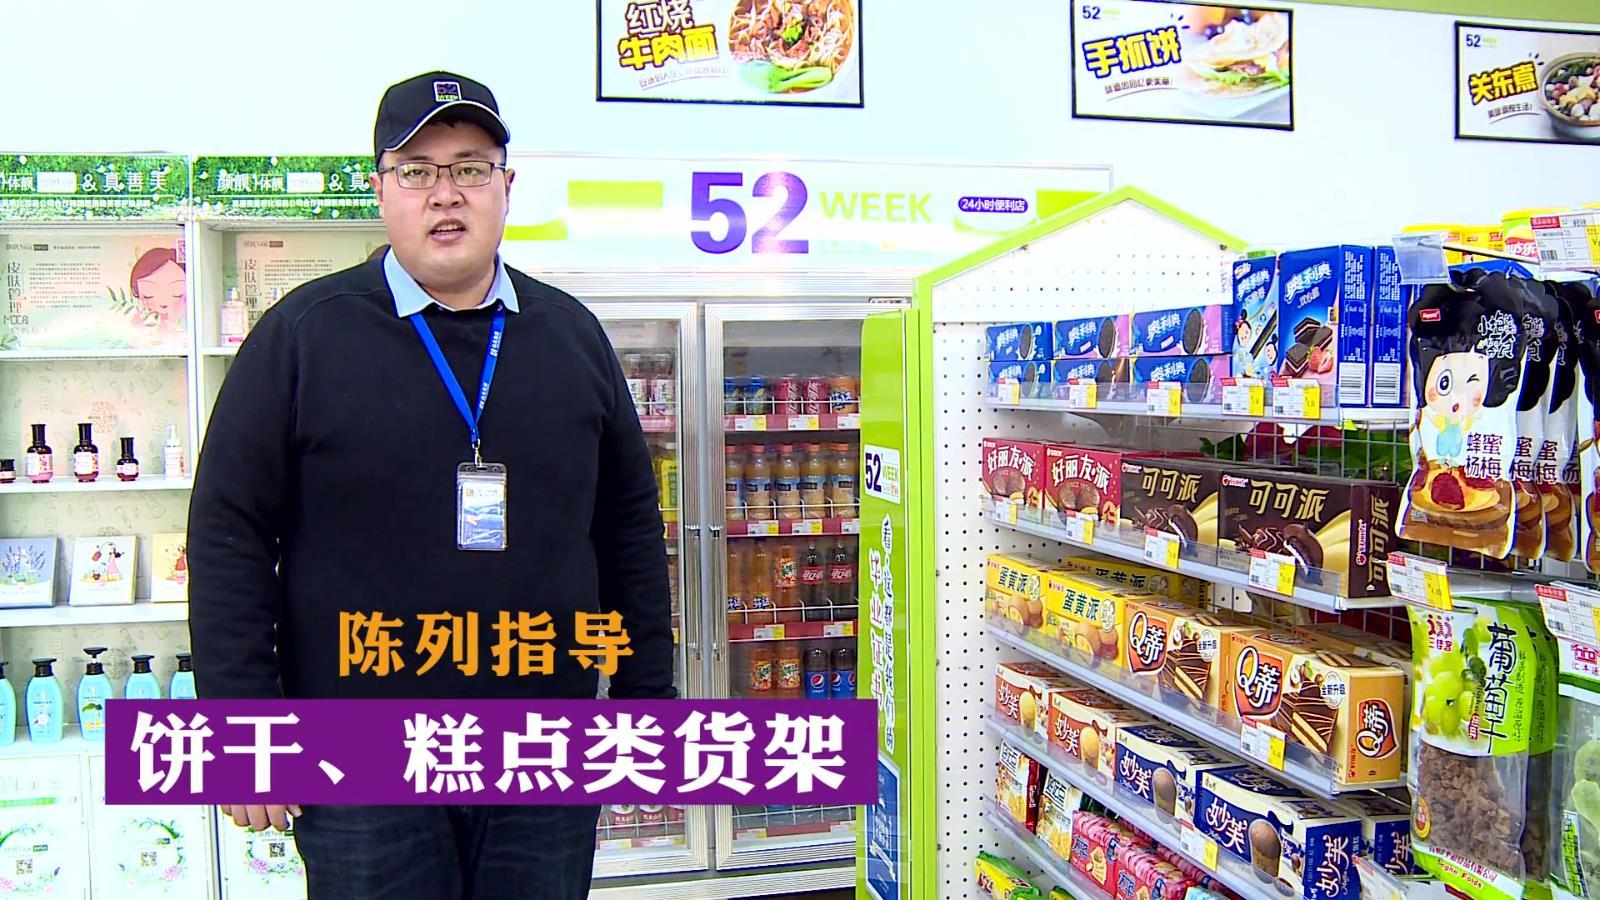 52week 便利店经营:饼干、糕点货架整理